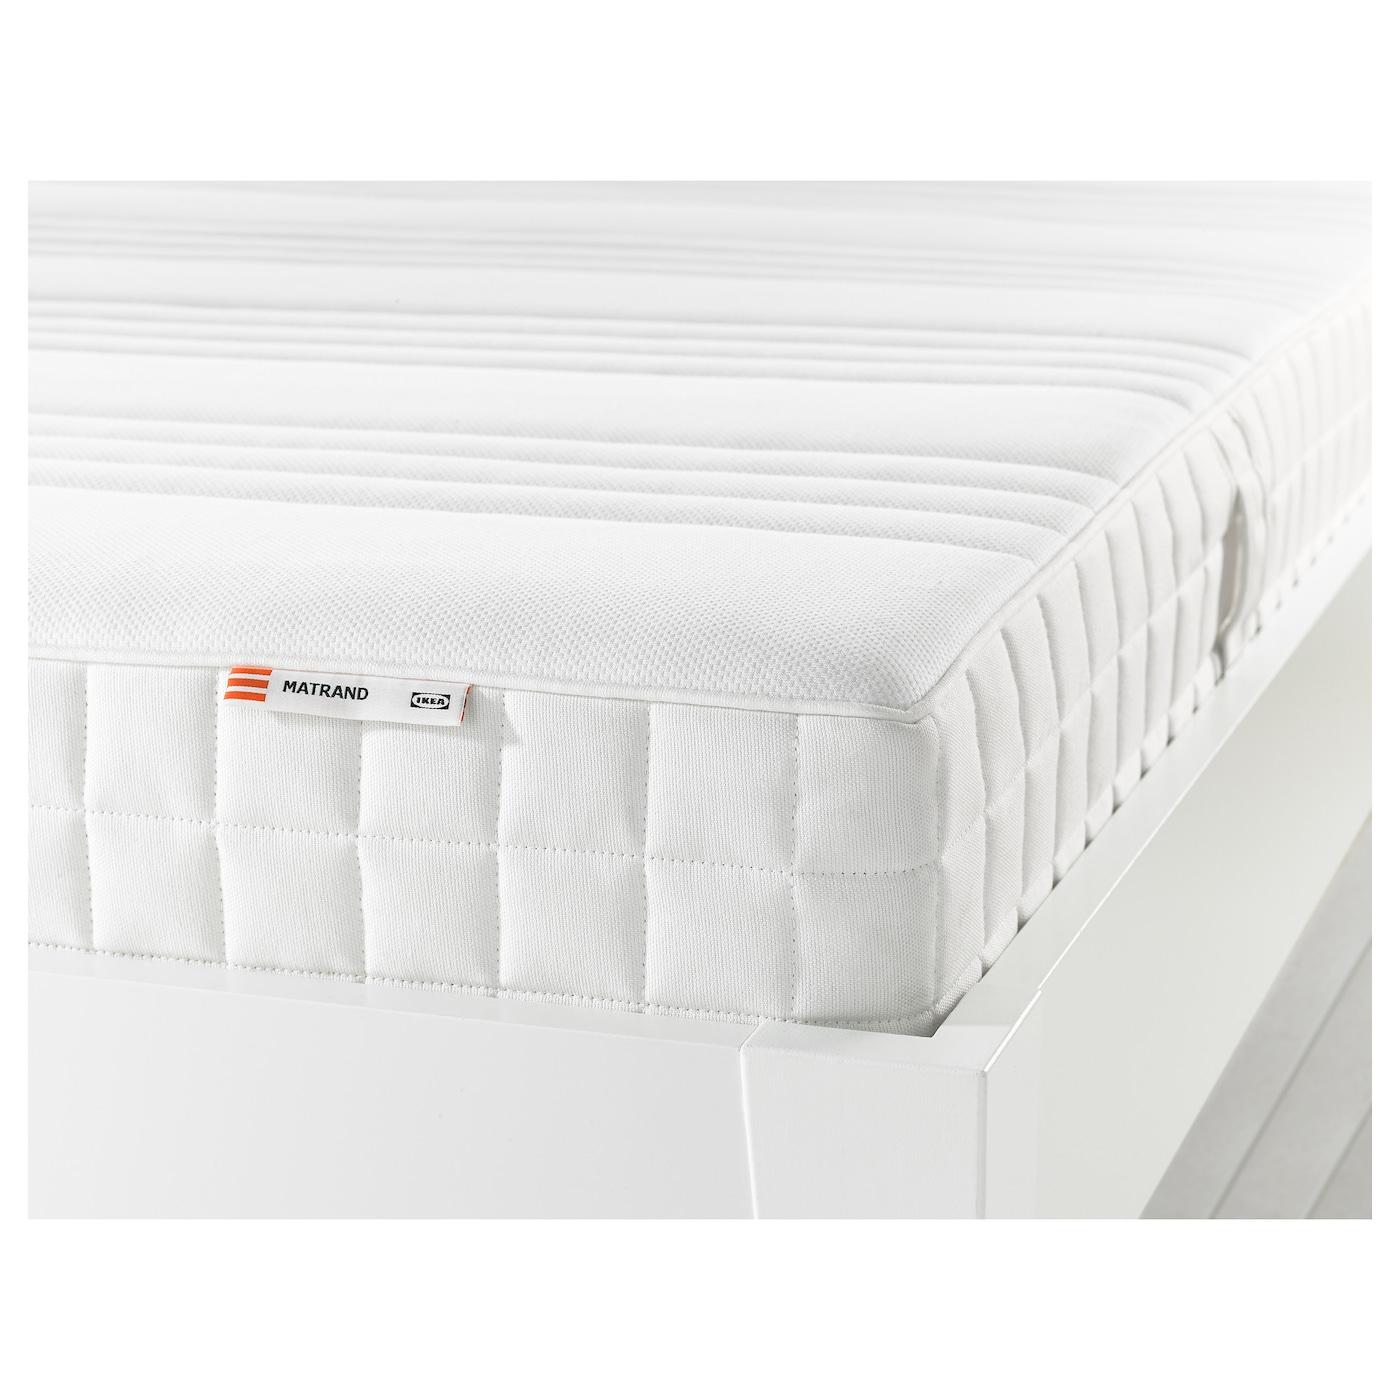 MATRAND | Schlafzimmer > Matratzen > Viscoschaum-Matratzen | Weiß | IKEA